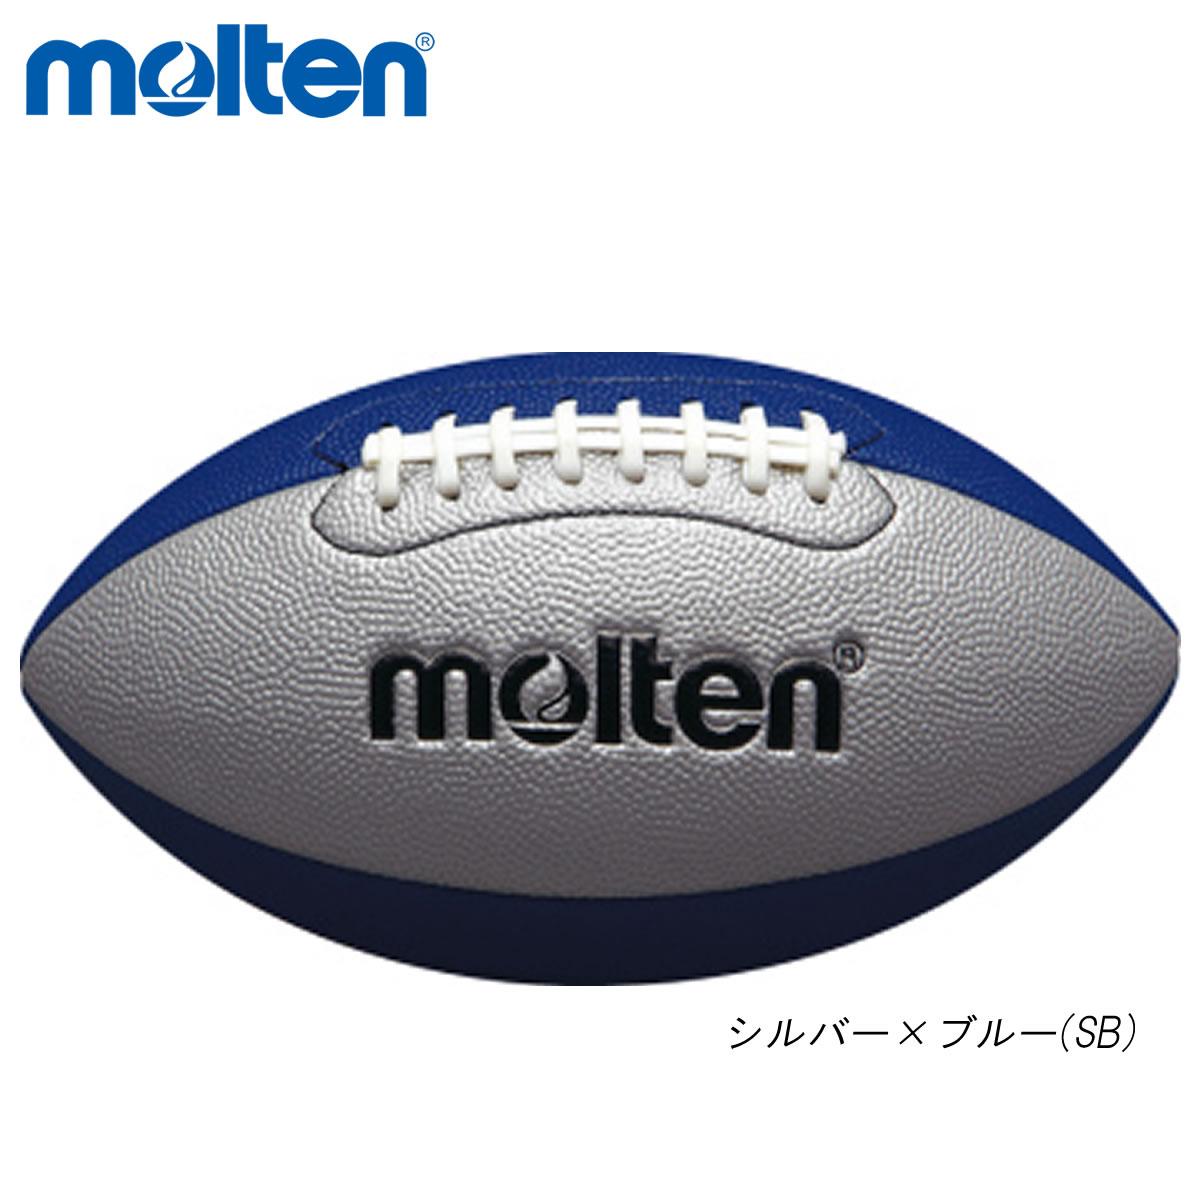 ☆正規品新品未使用品 molten Q4C2500-SB フラッグフットボール ボール フラッグフットボールジュニア 格安激安 2021 取り寄せ モルテン